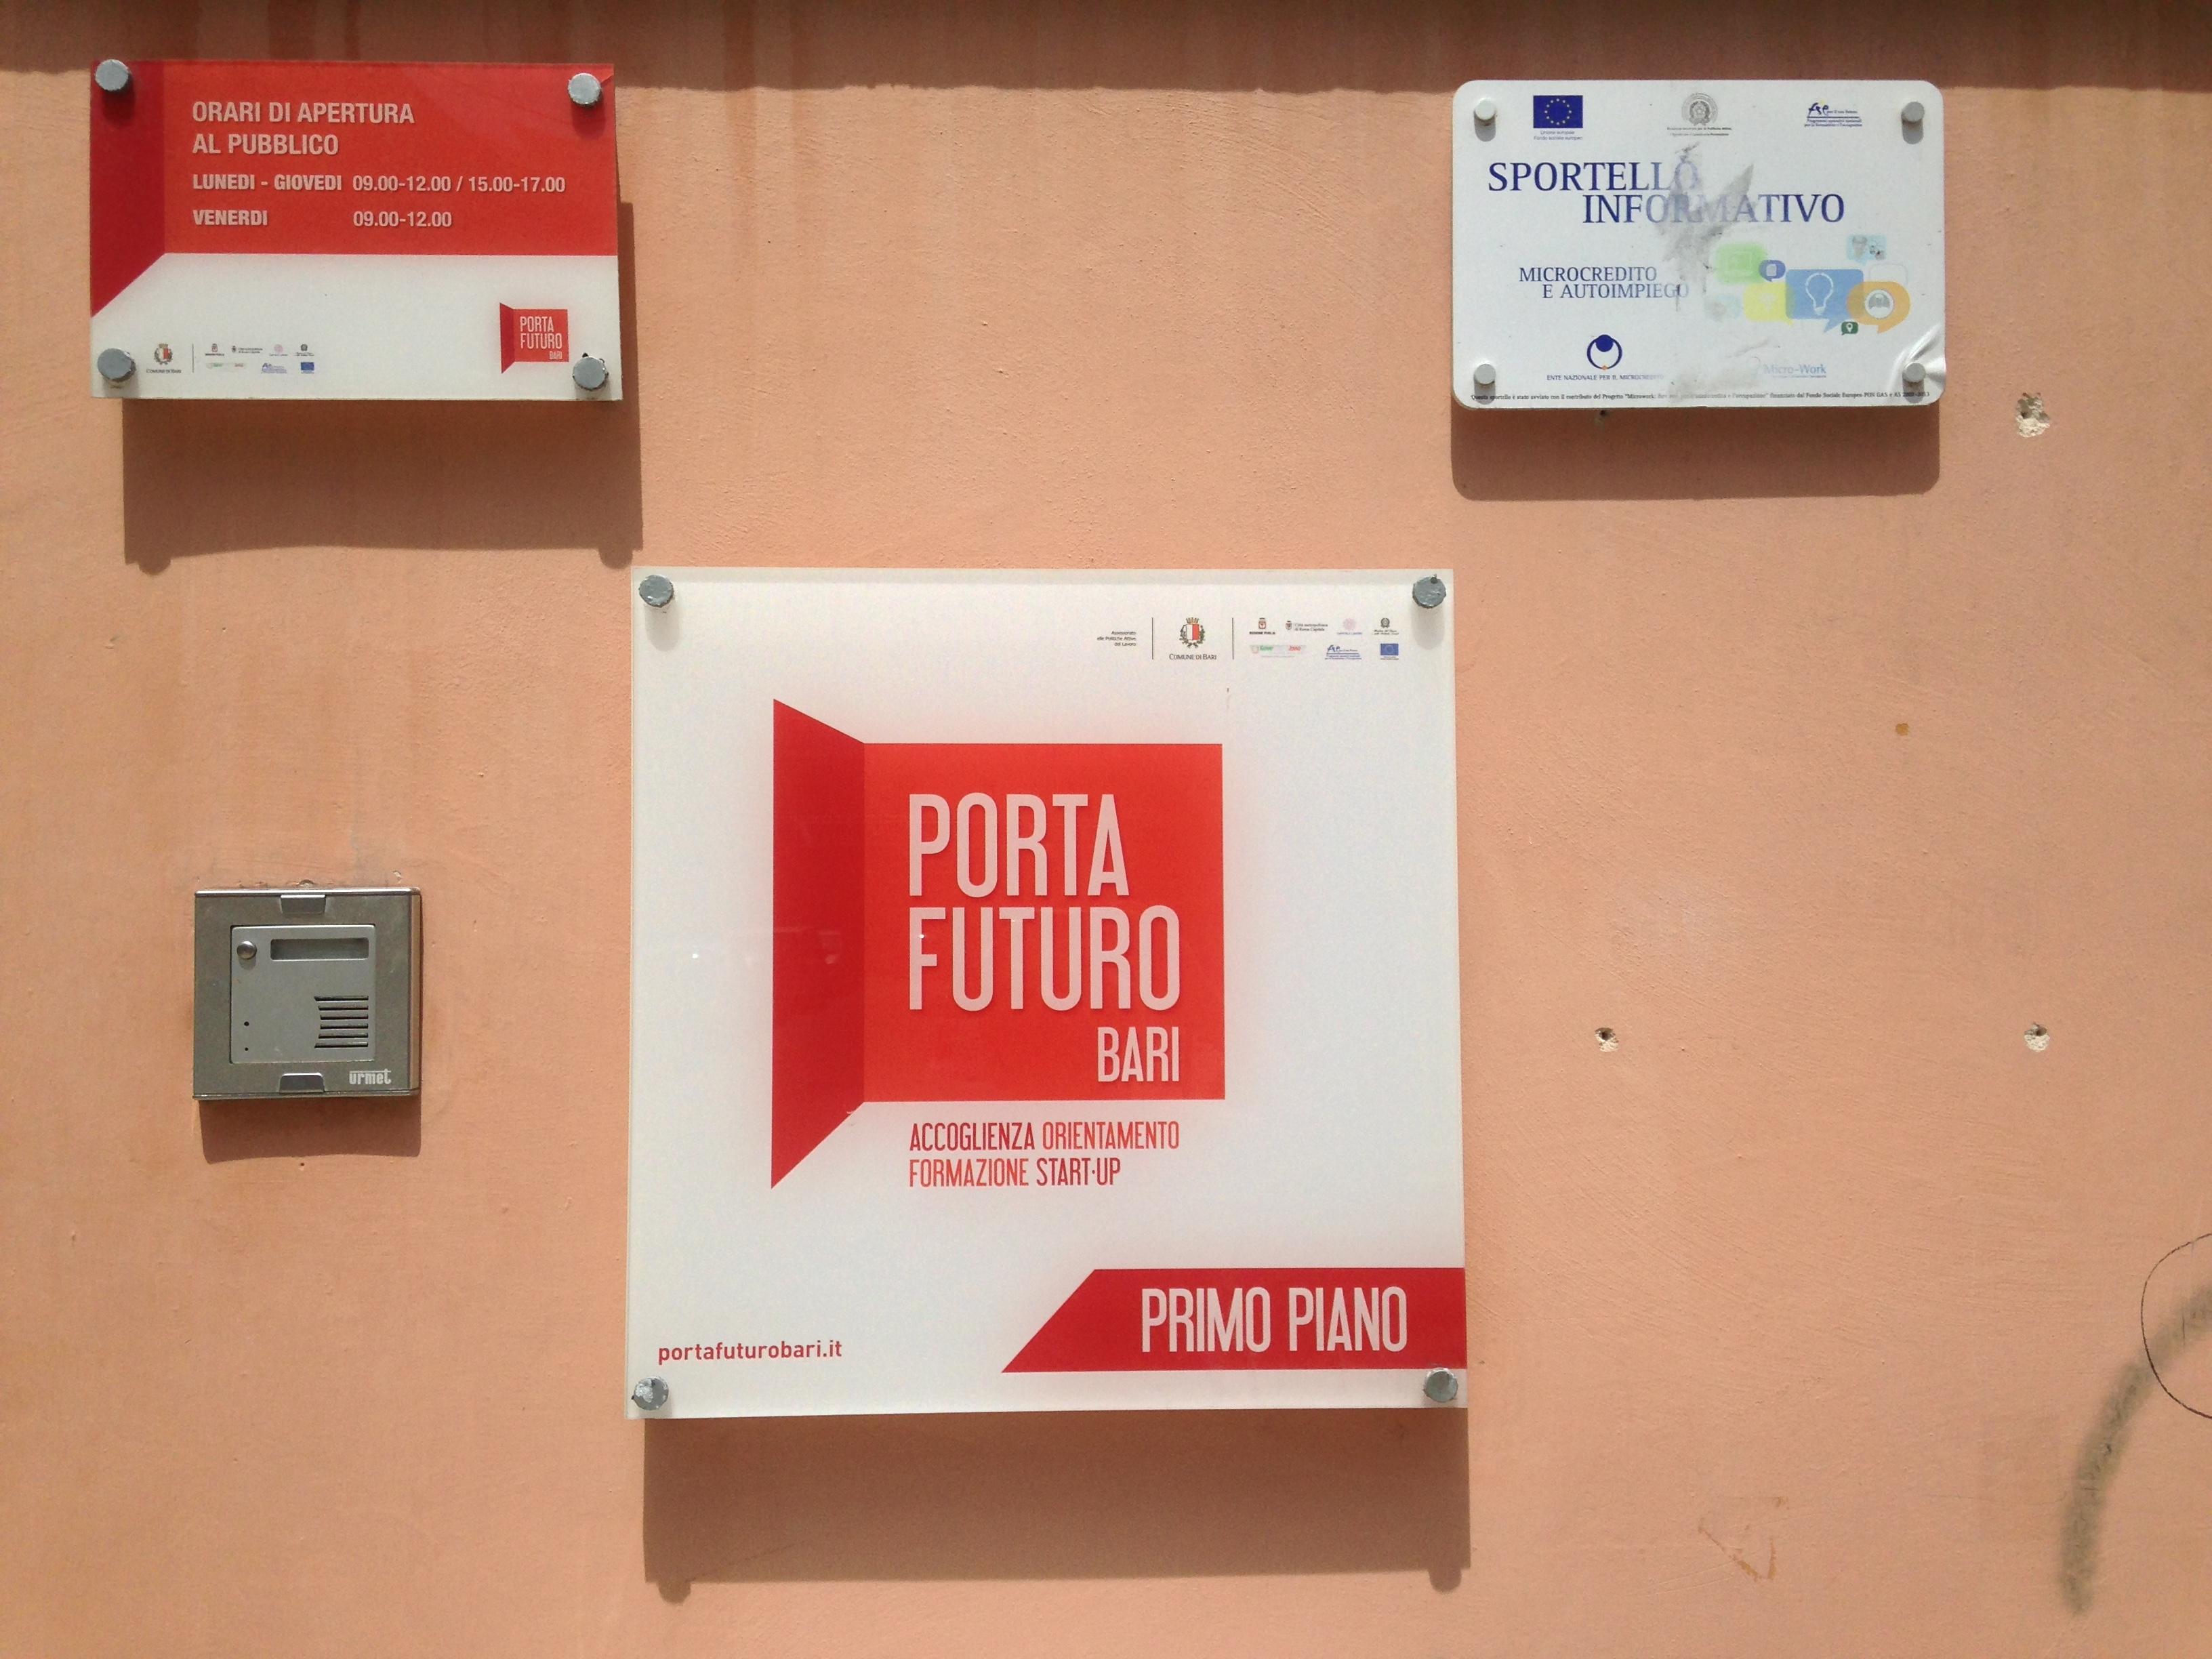 Porta Futuro - Bari